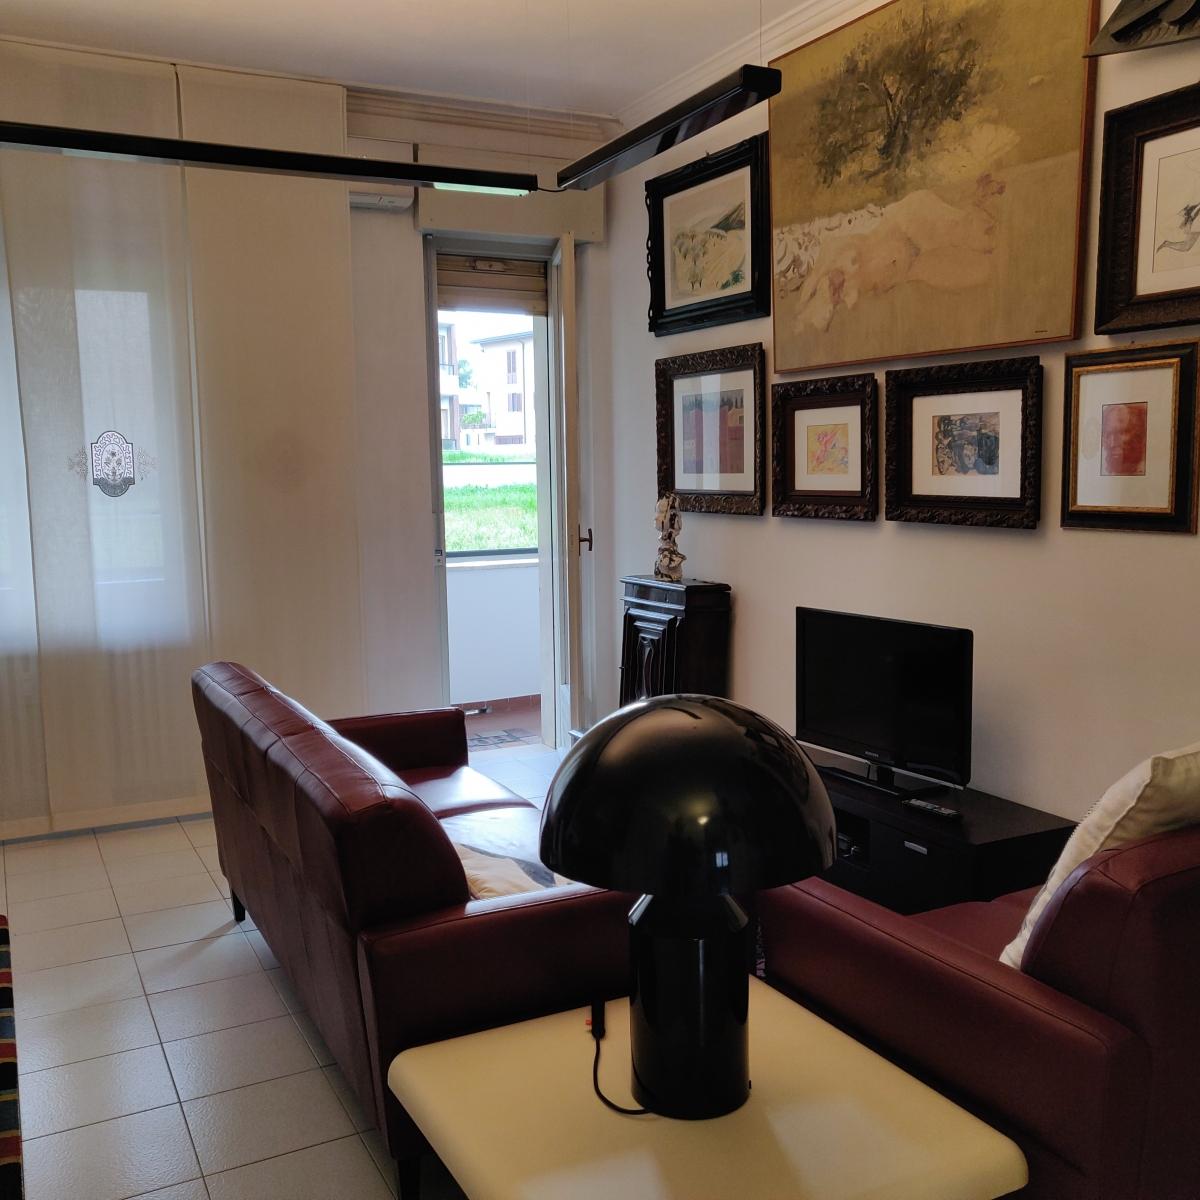 appartamento-in-vendita-baggio-via-gianella-3-locali-spaziourbano-immobiliare-vende-1